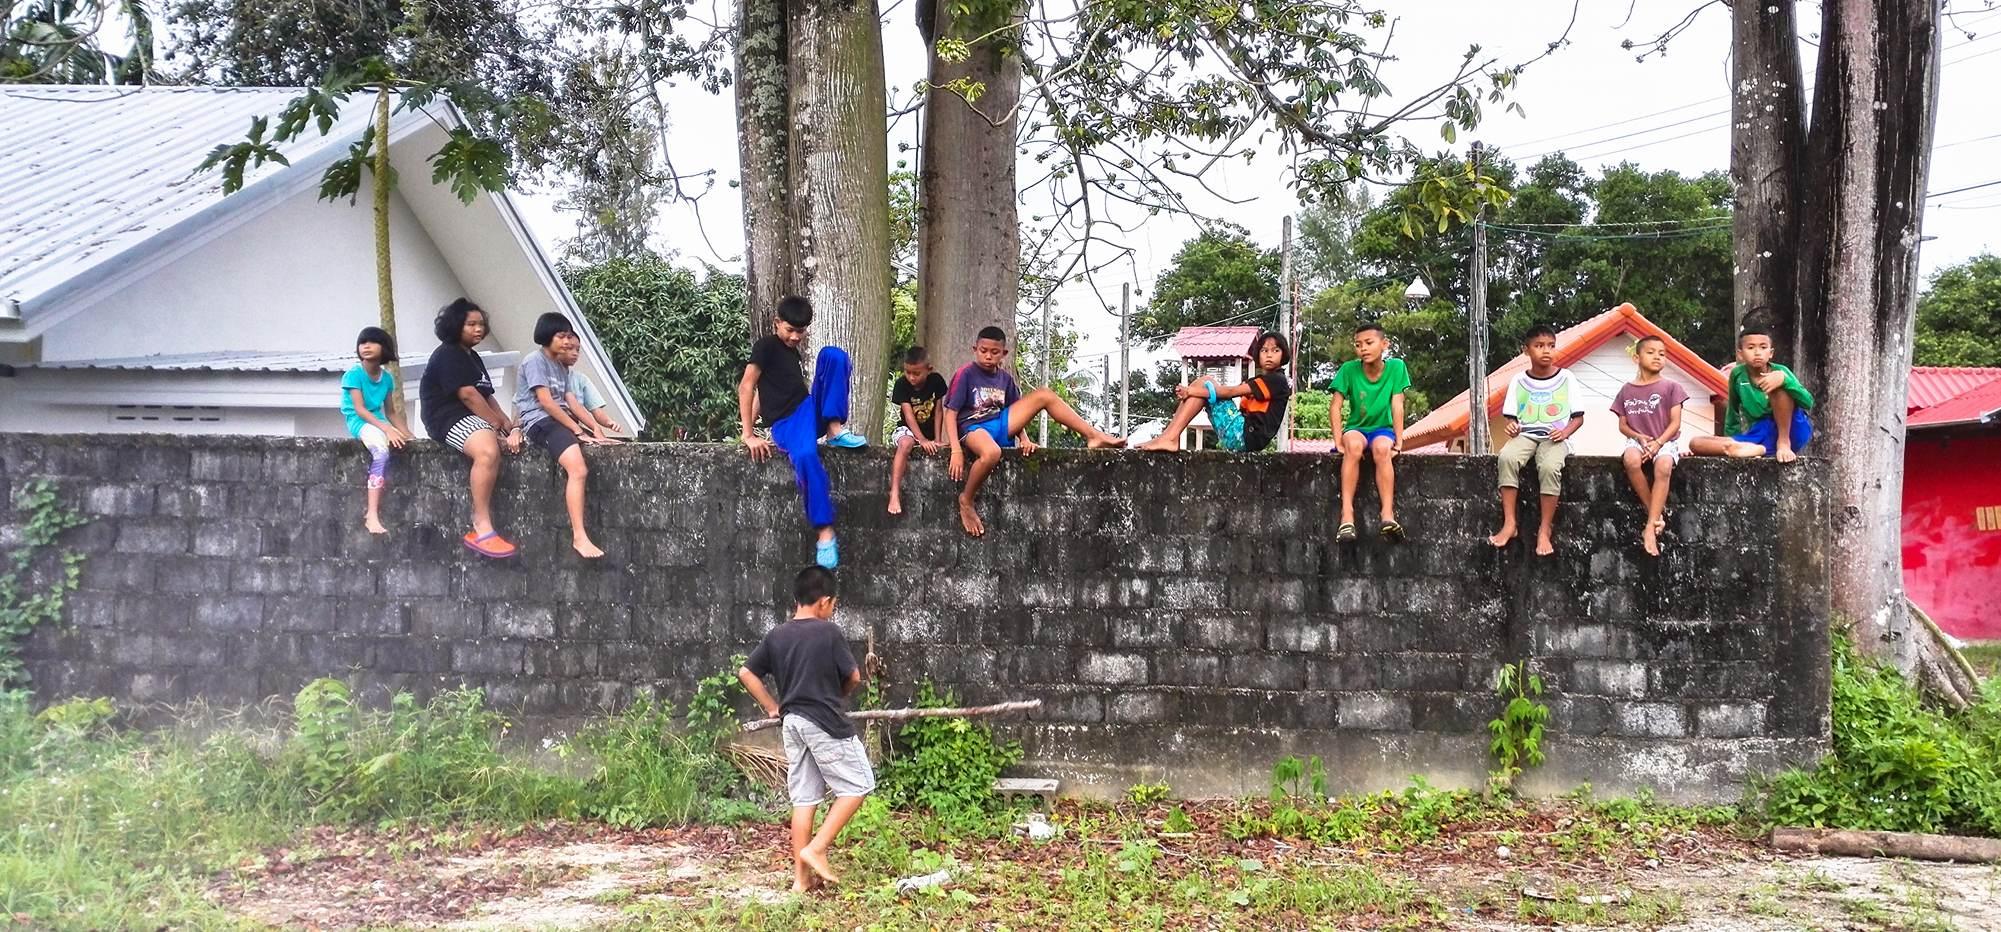 Barn på mur.jpg